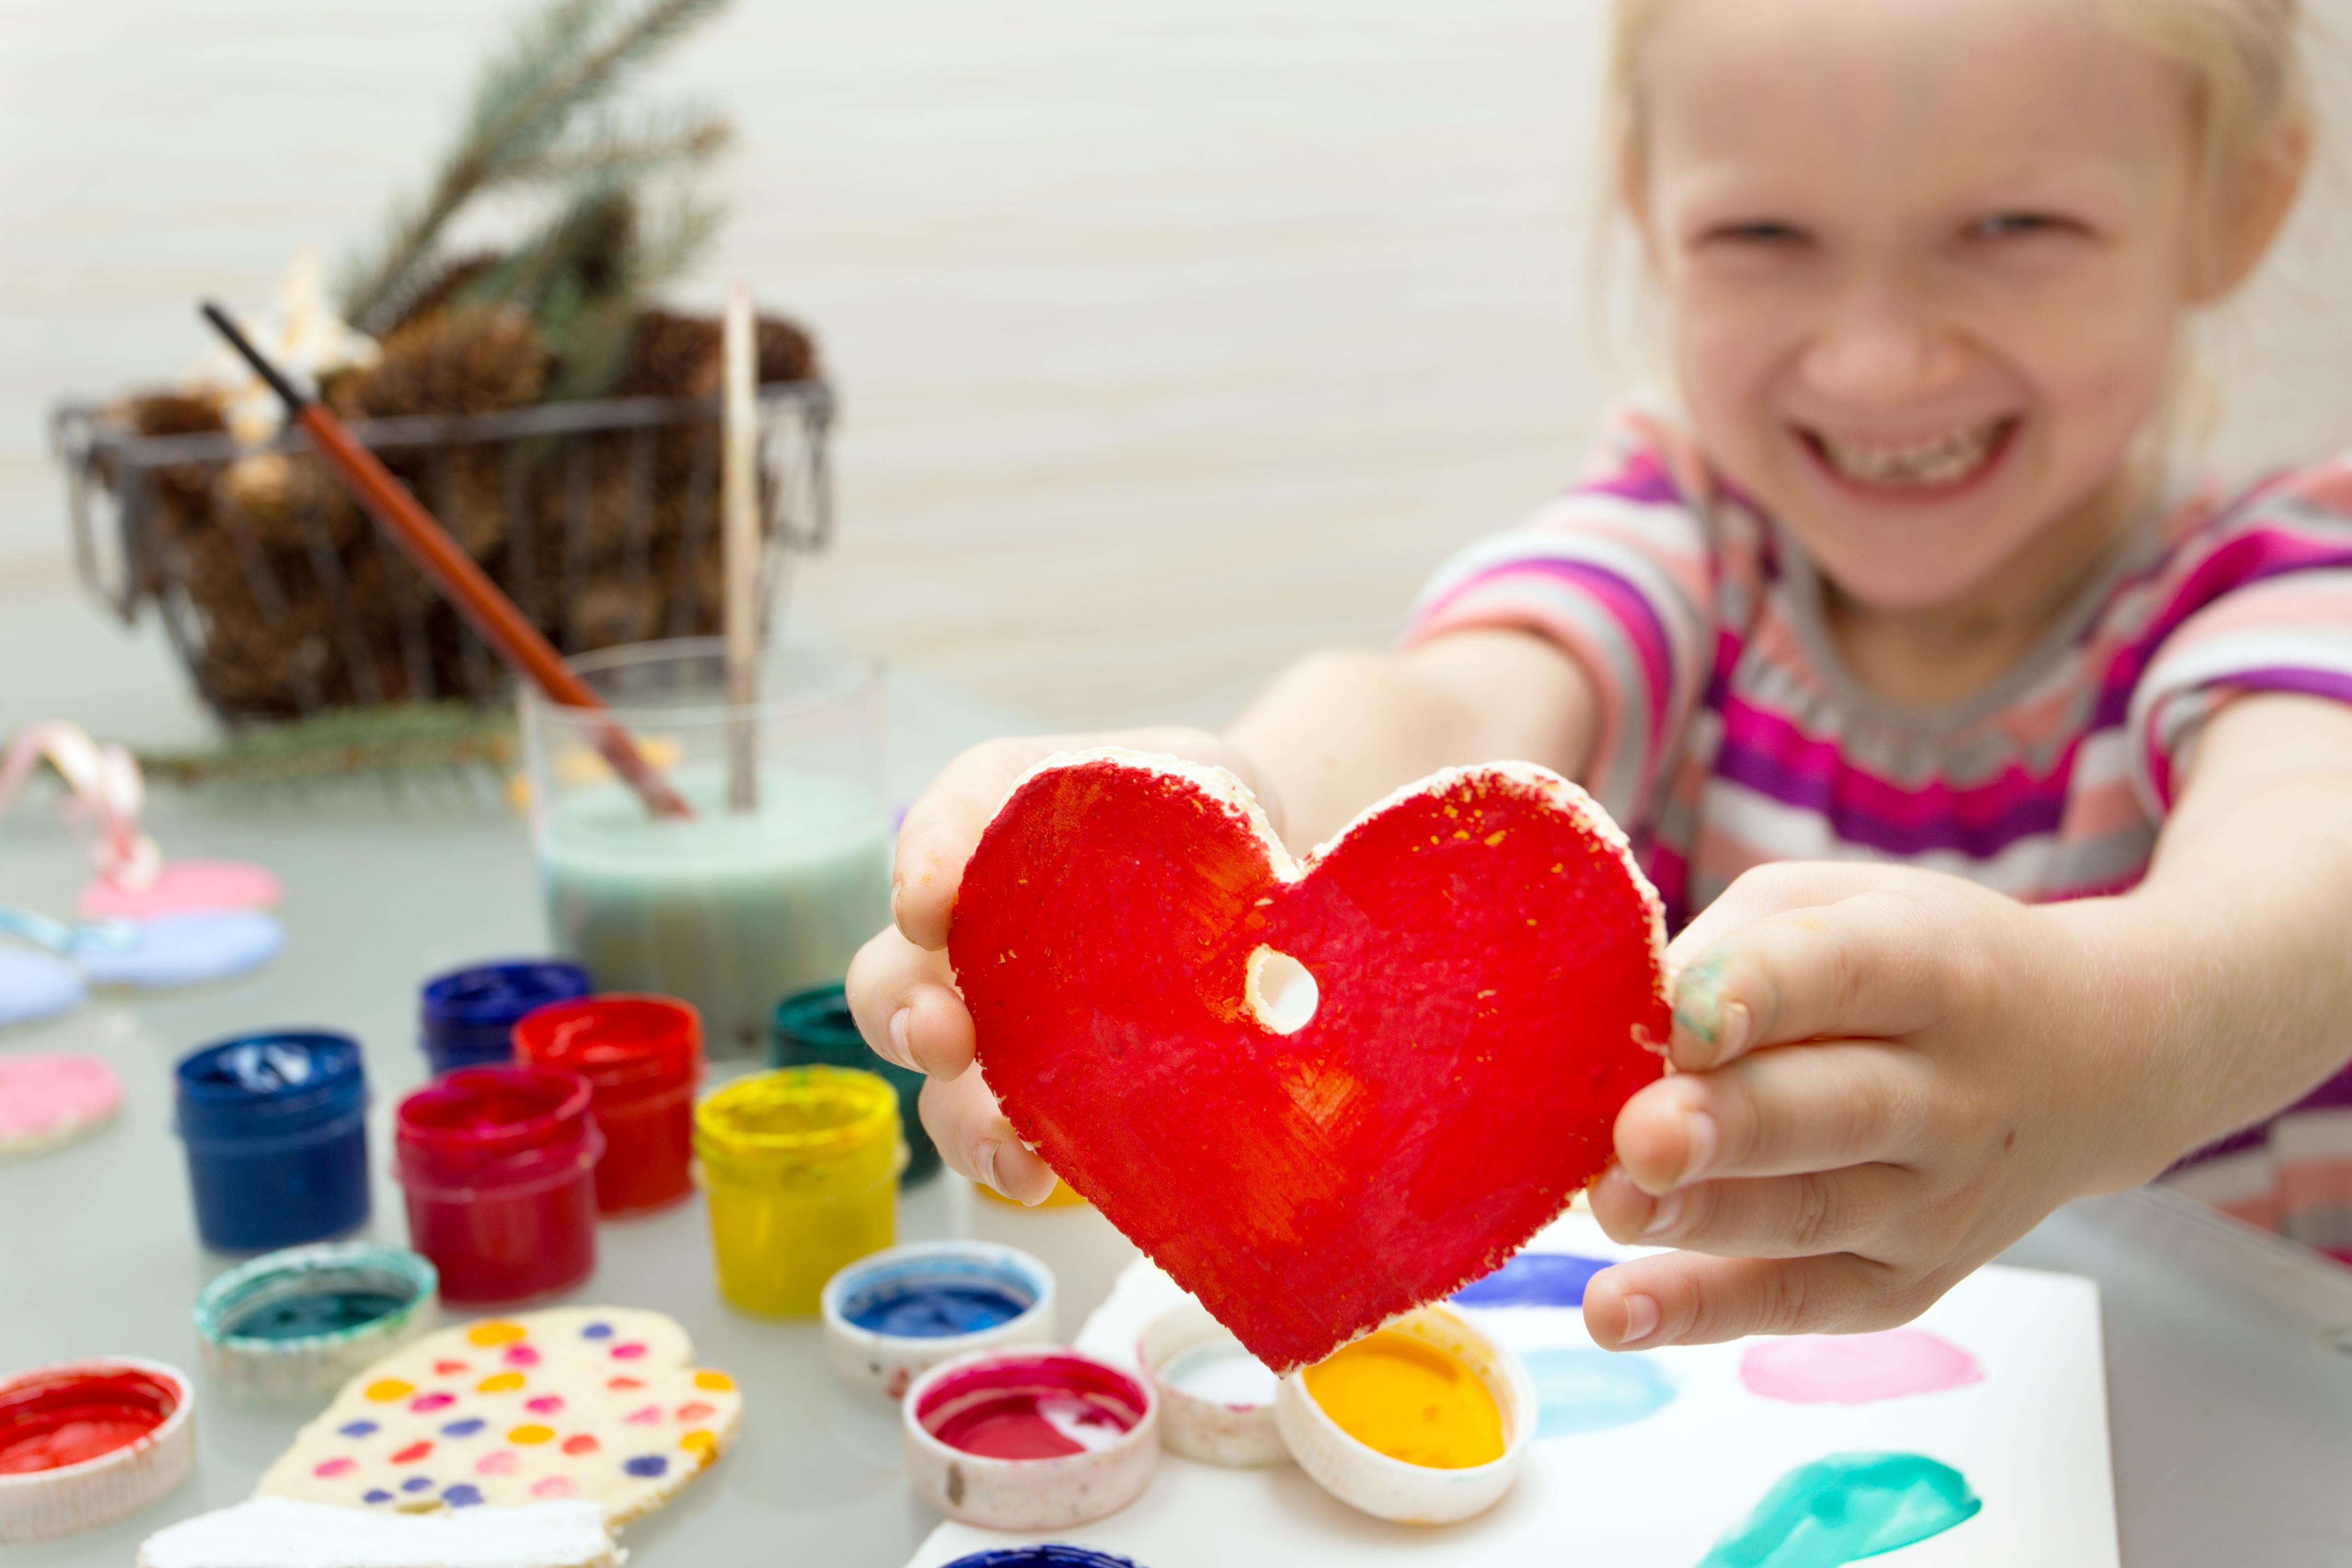 I Apotek Hjärtats nya satsning Lilla Hjärtat har barn varit med och tagit fram produkter särskilt utformade för barn.